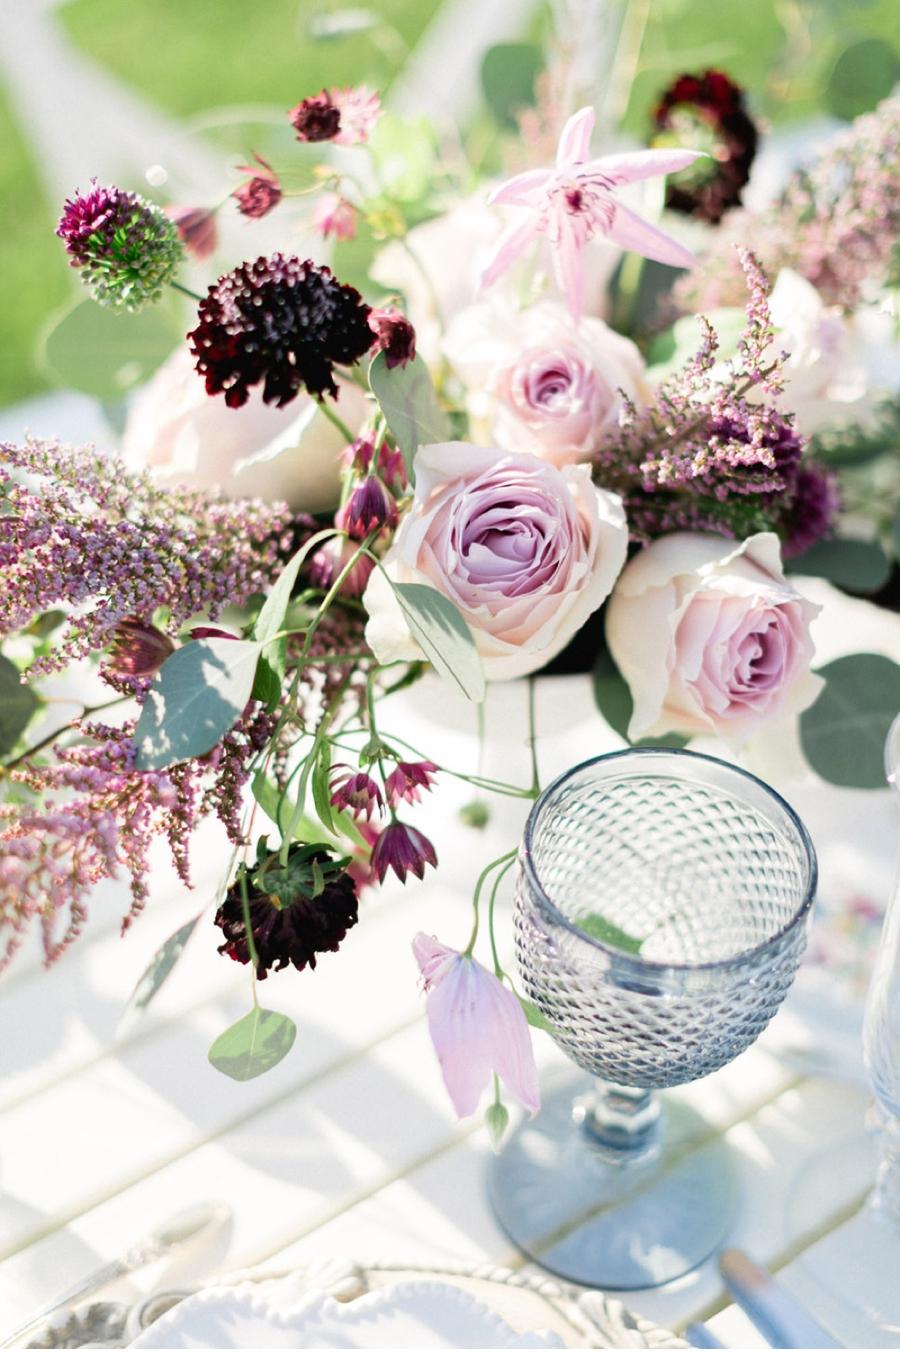 Ontario-Spring-Wedding-Ideas